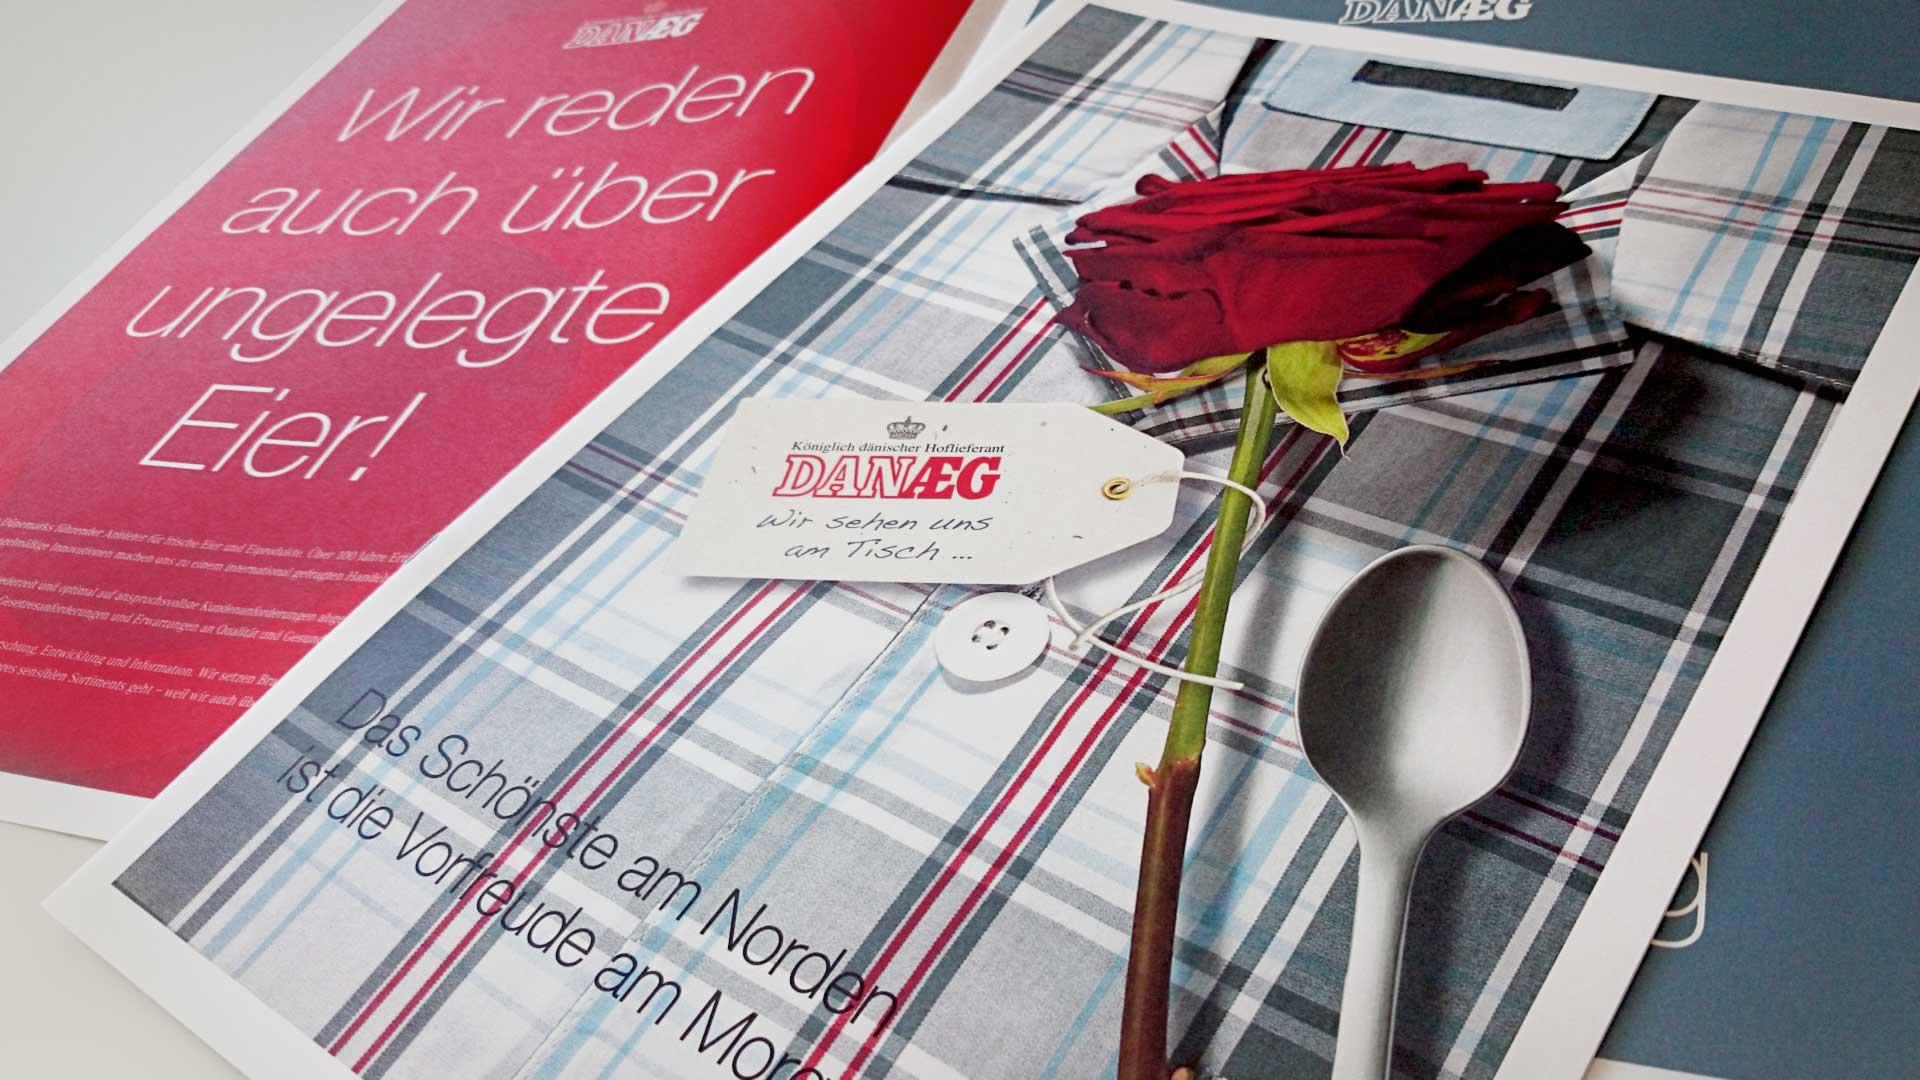 artventura-Projekt Print-Design für DANÆG A/S:Titelseite einer Einkäufer- und Imagebroschüre im Format DIN A3